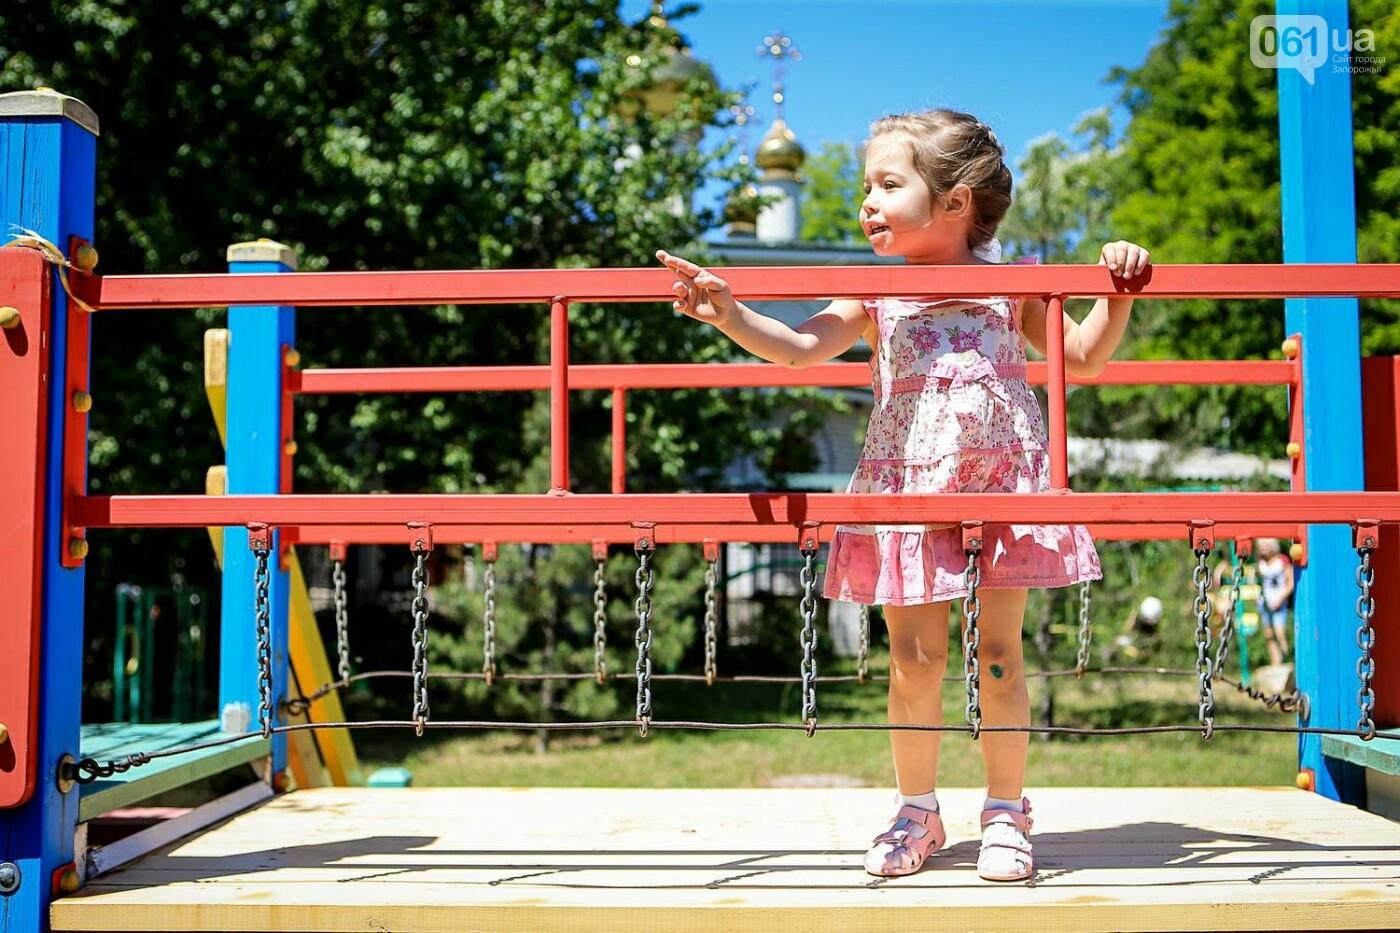 """О чем мечтают дети - фоторепортаж из дома ребенка """"Солнышко"""", фото-12"""